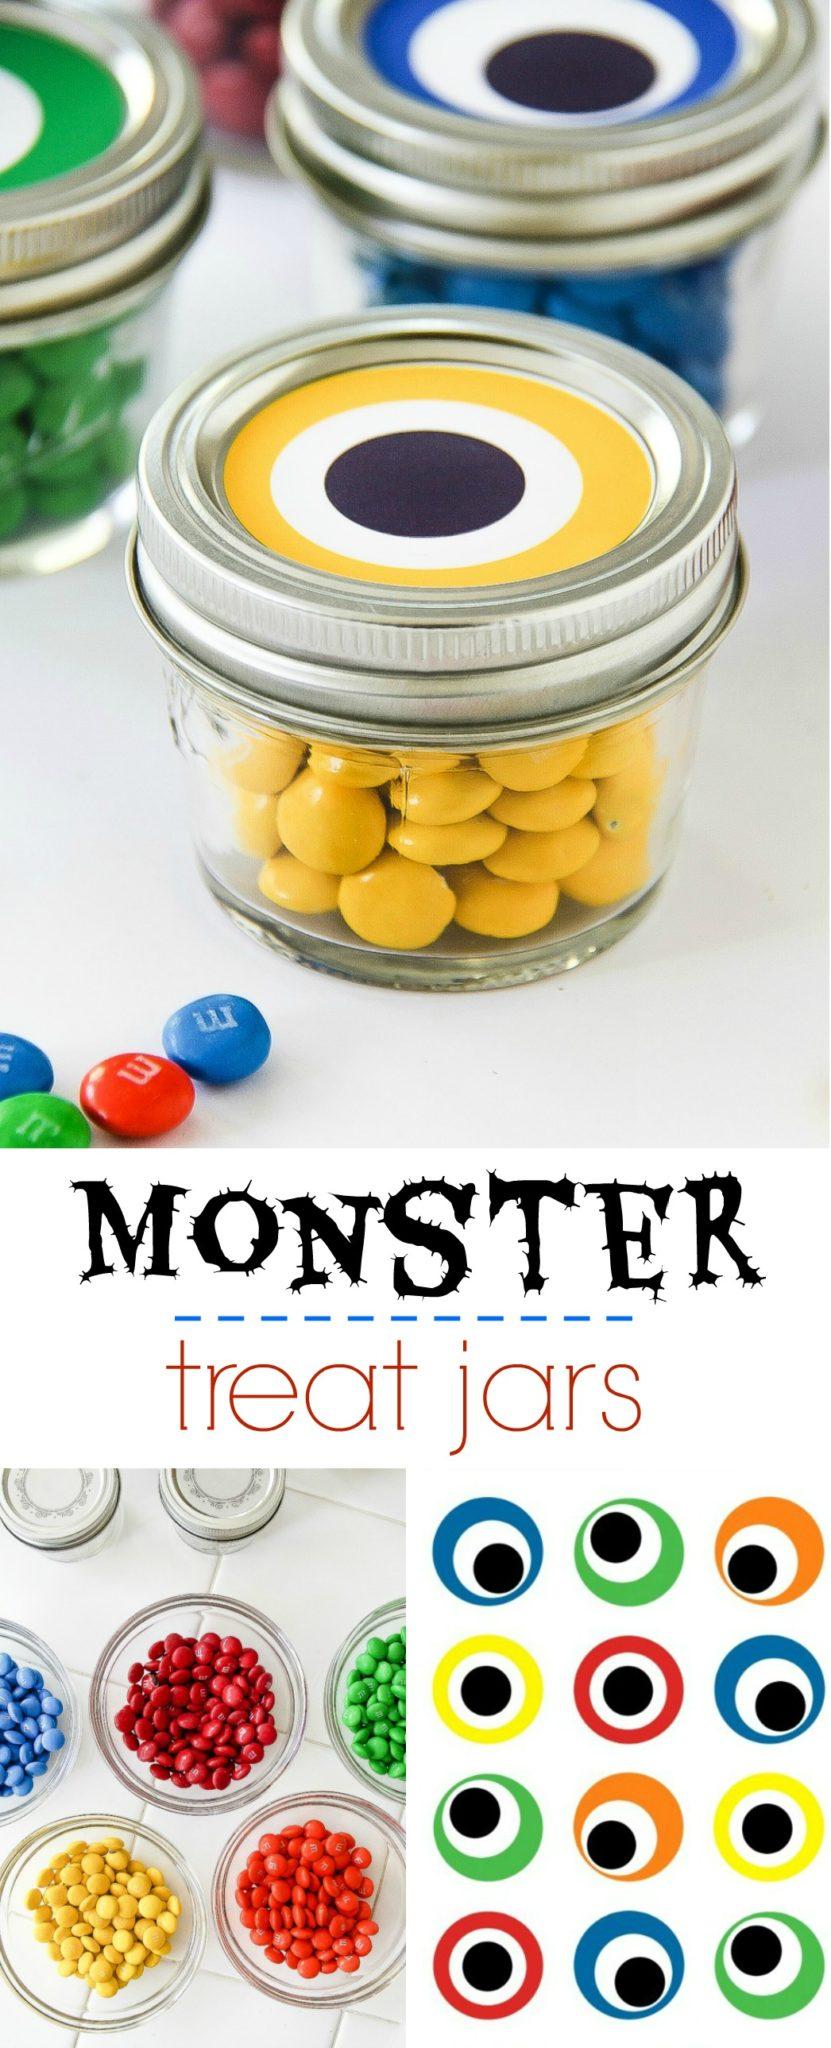 Monster party favor jars Pinterest image